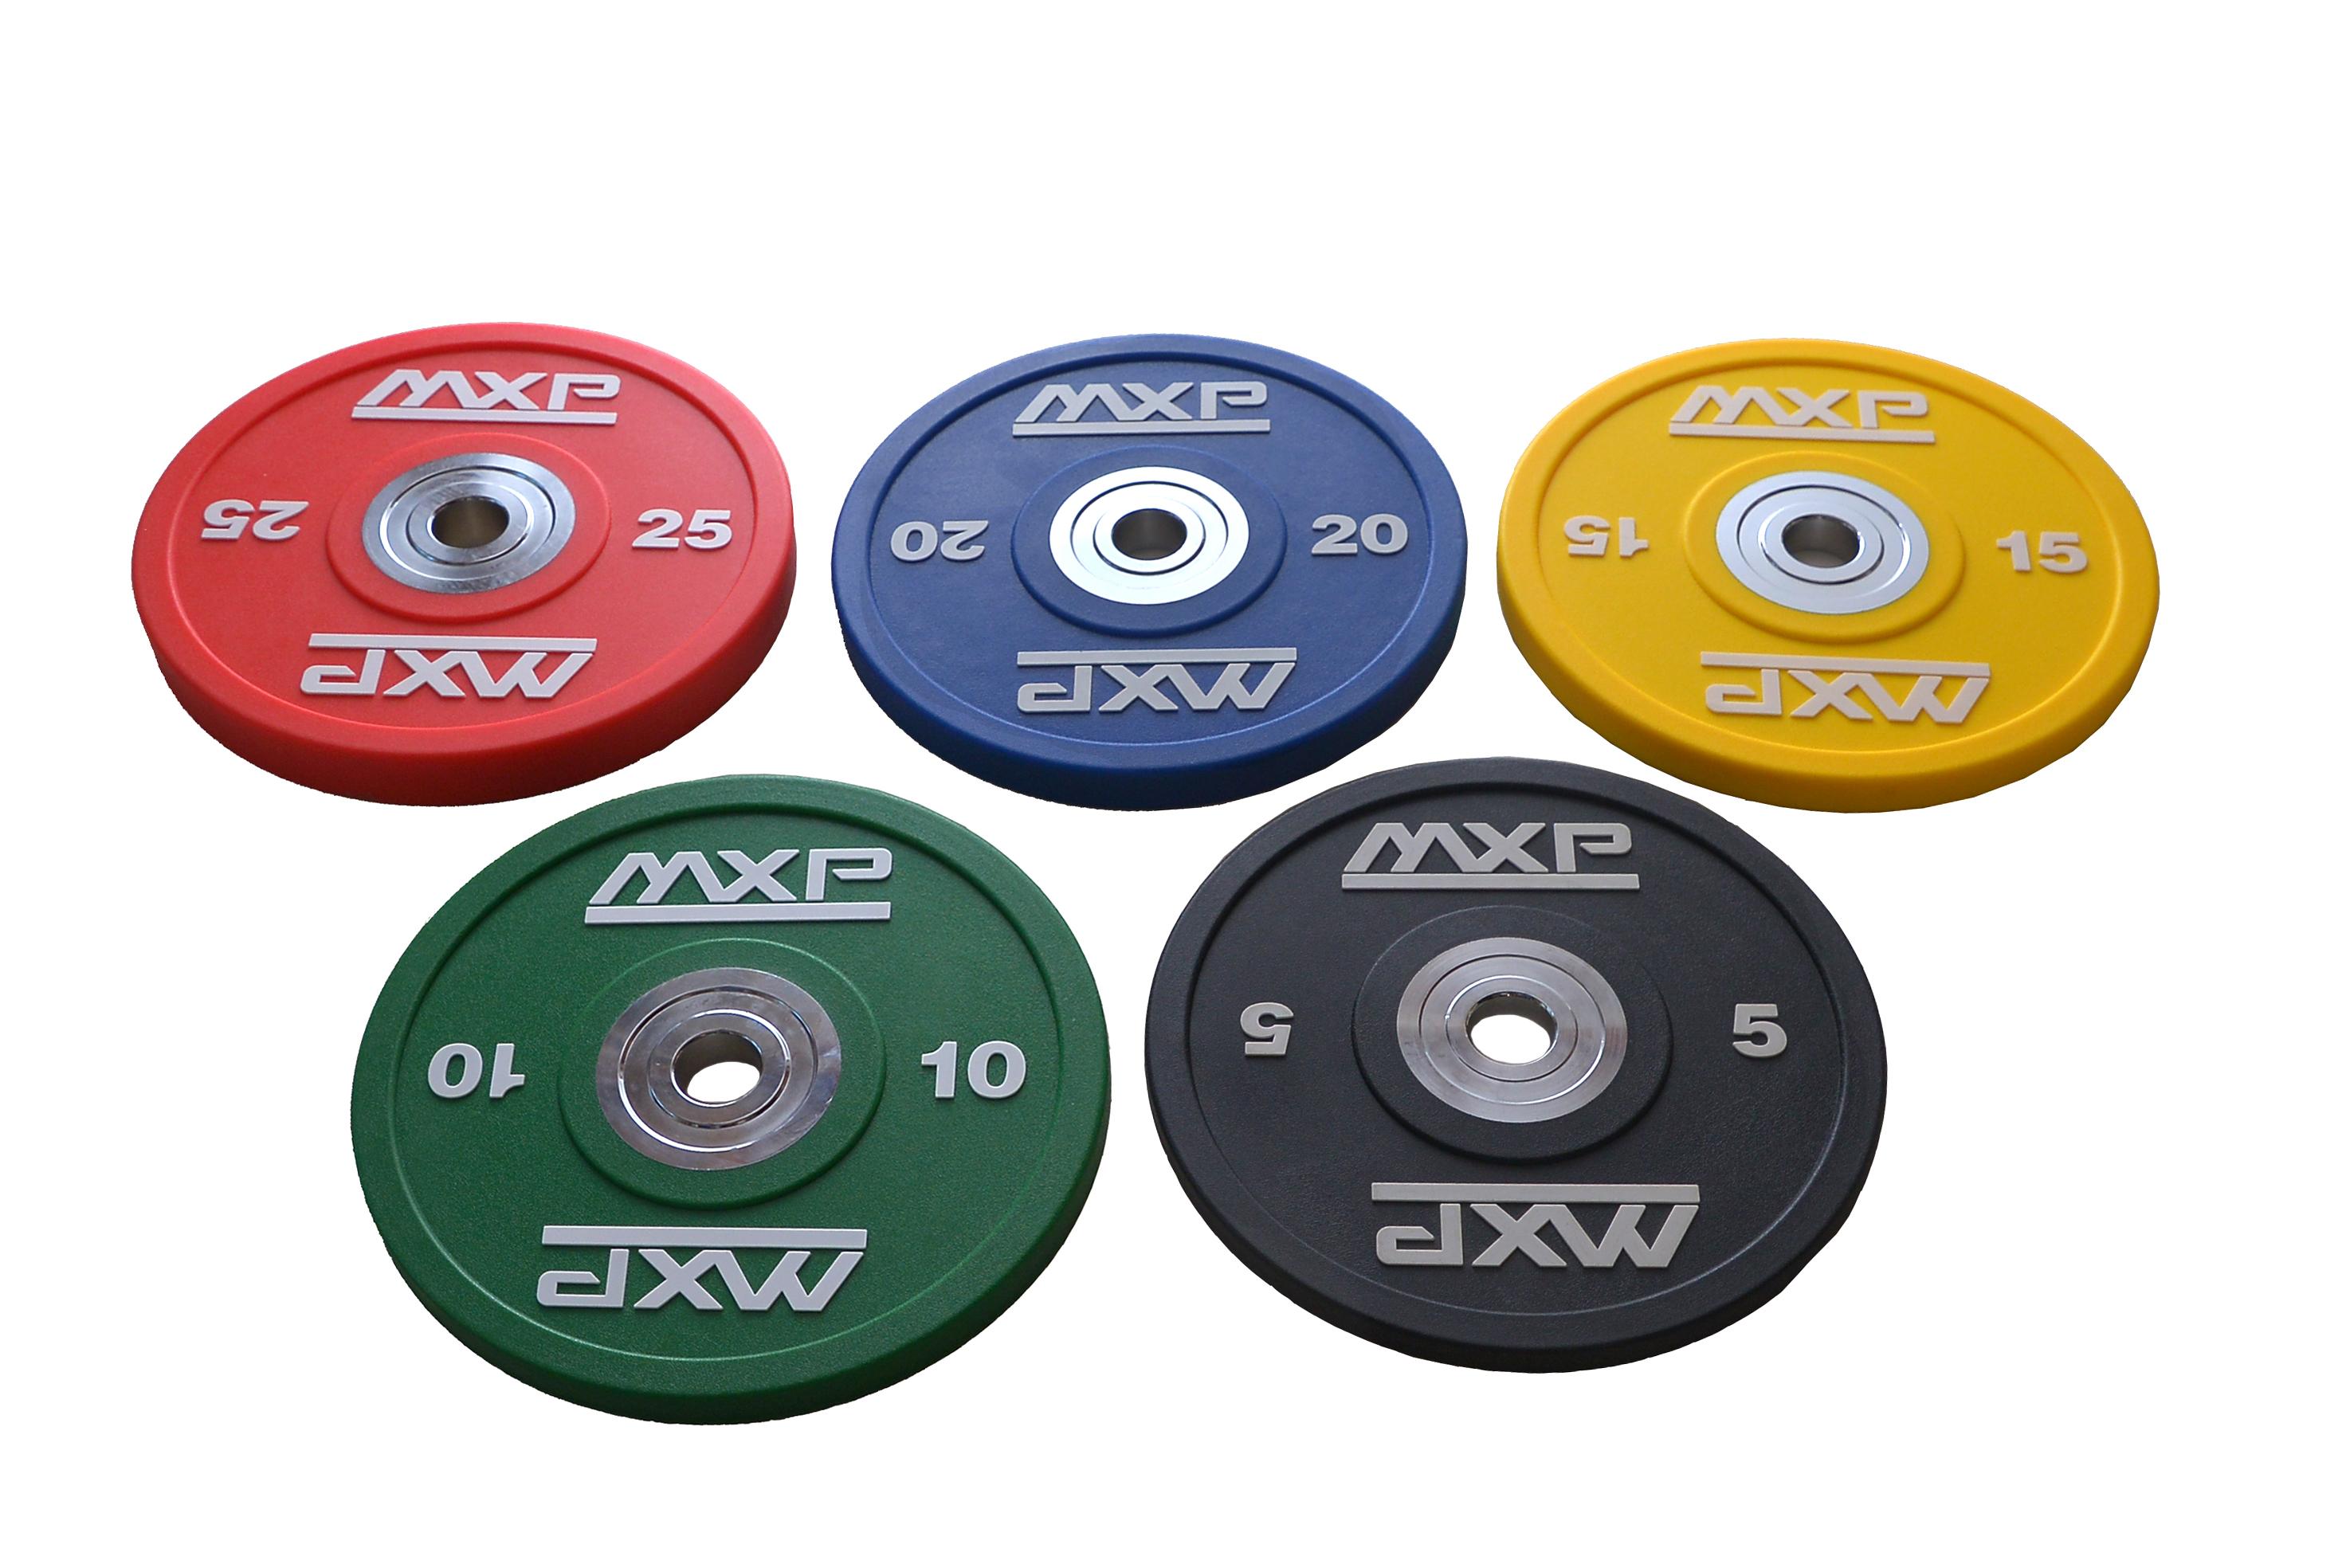 Kotouč Bumper Plate CrossGym - 25 kg